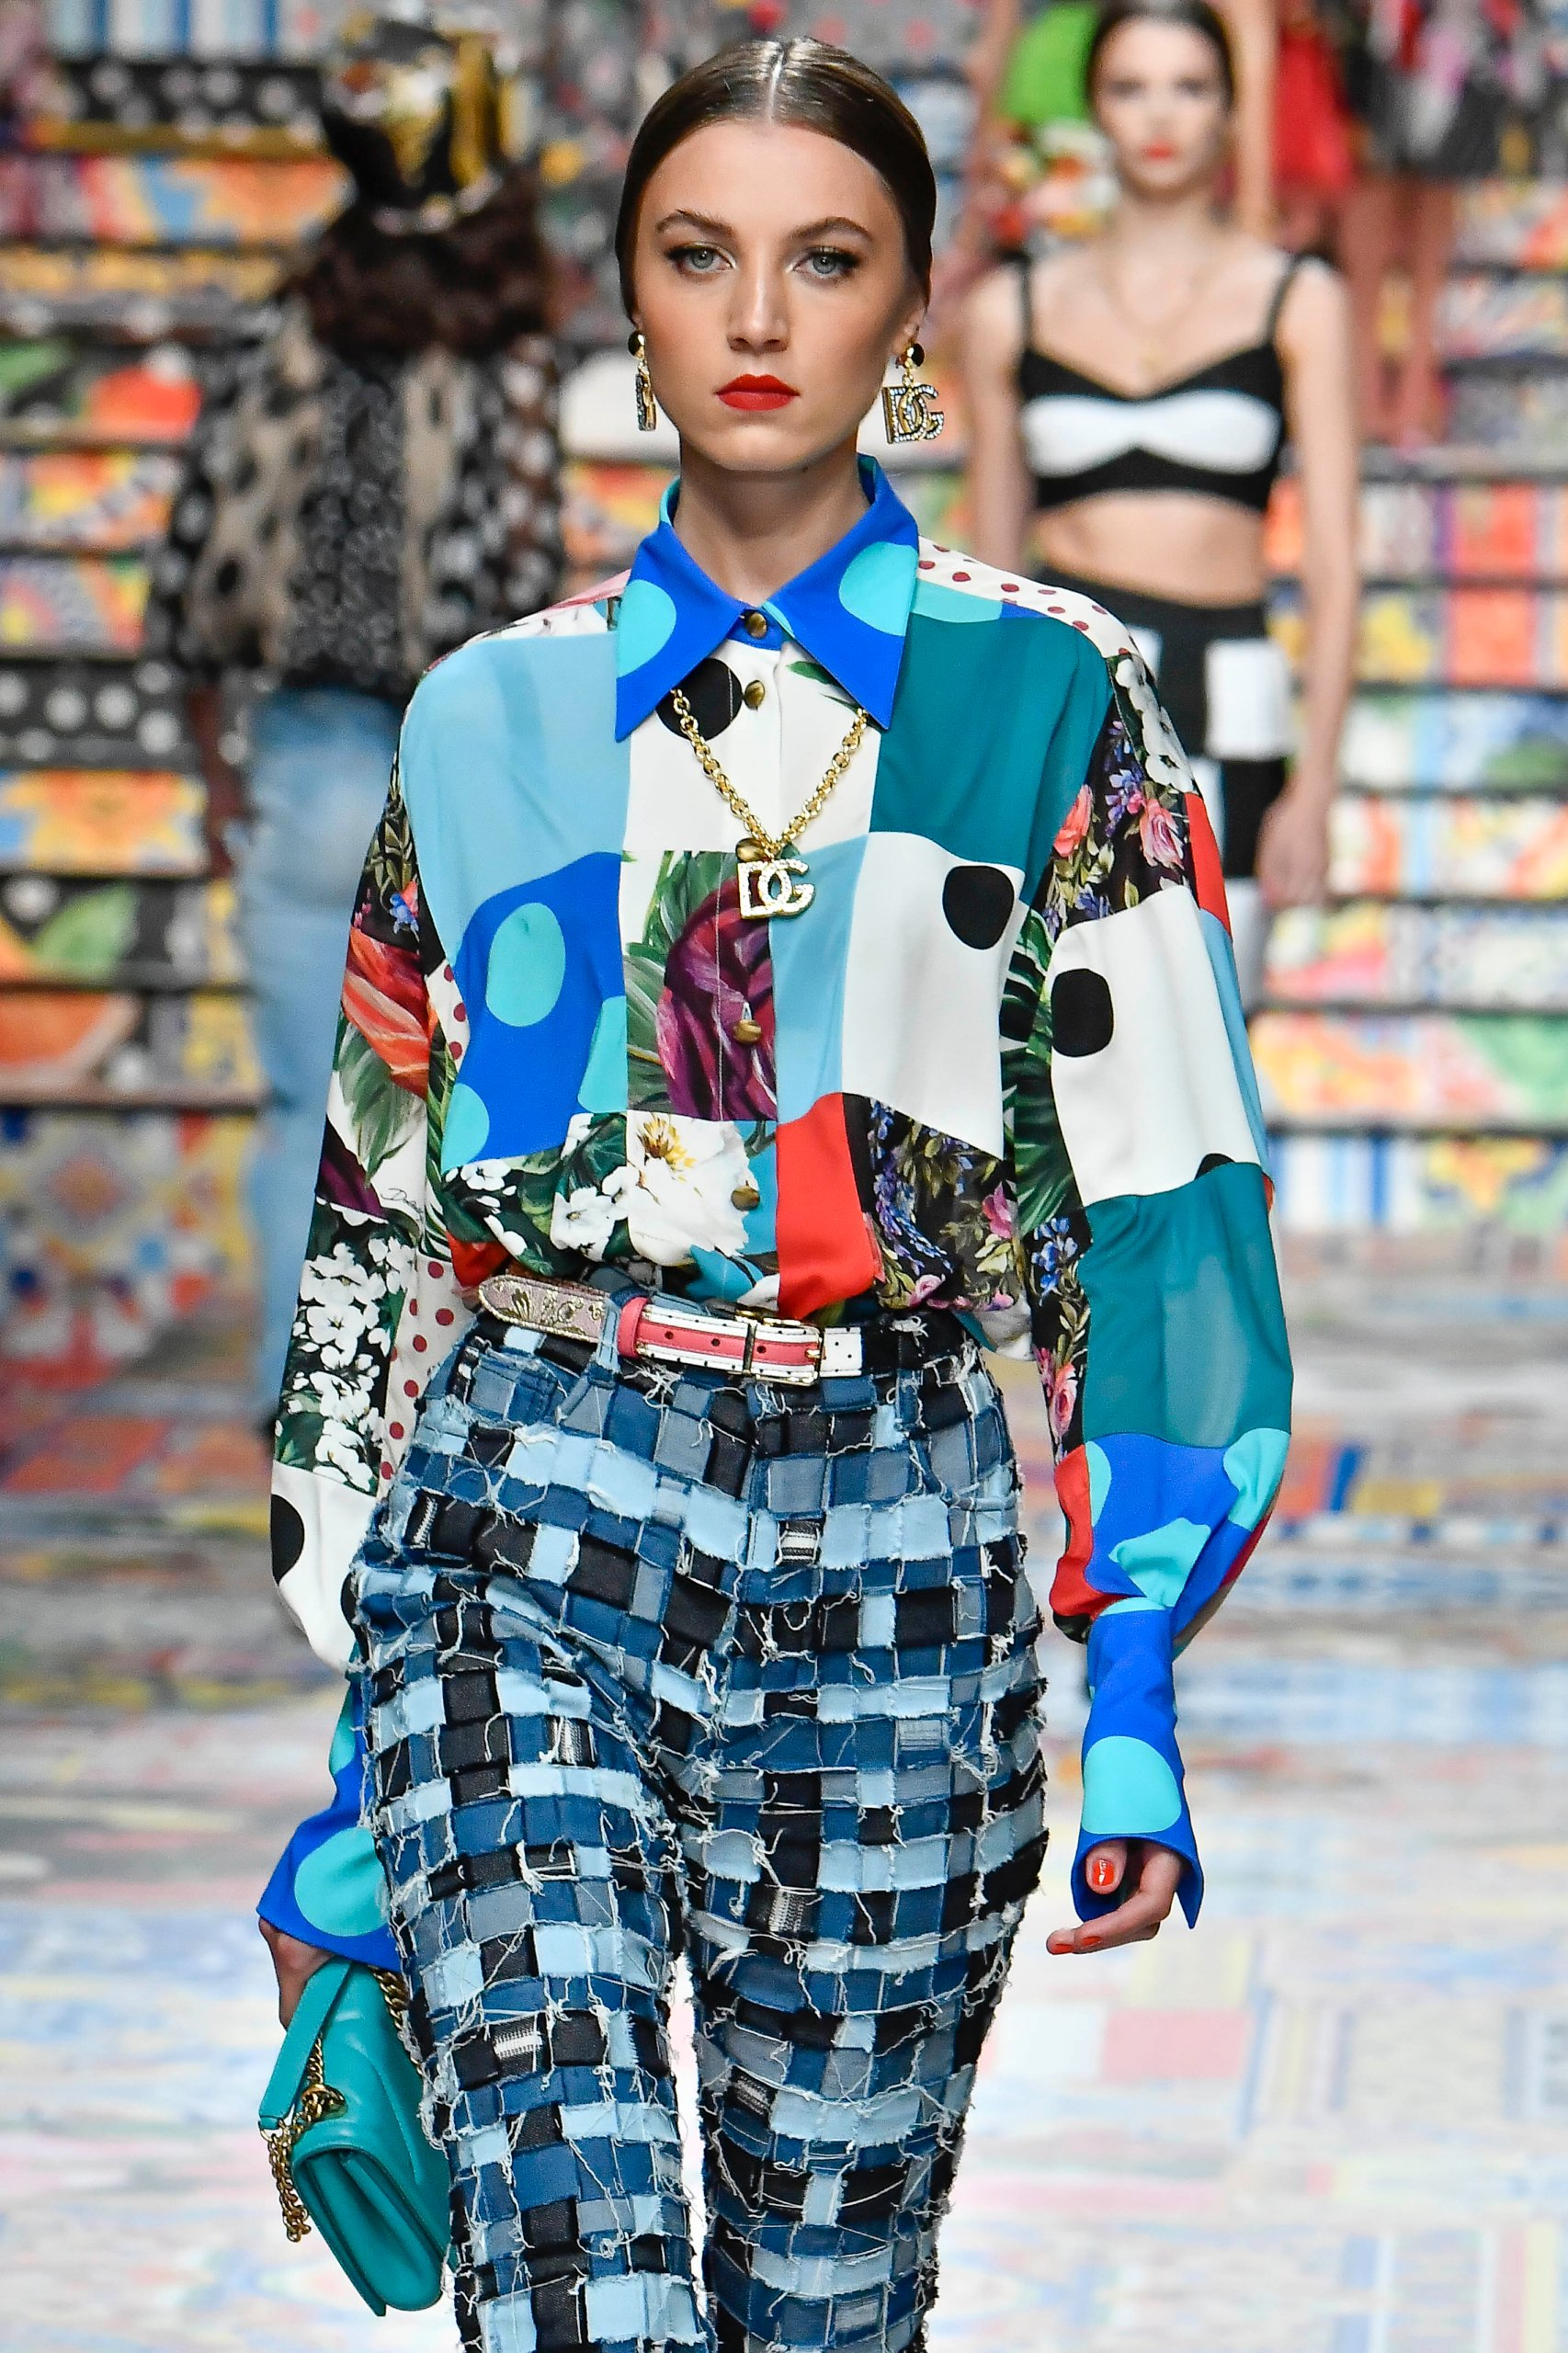 Dolce & Gabbana - Runway - Milan Fashion Week Spring/Summer 2021